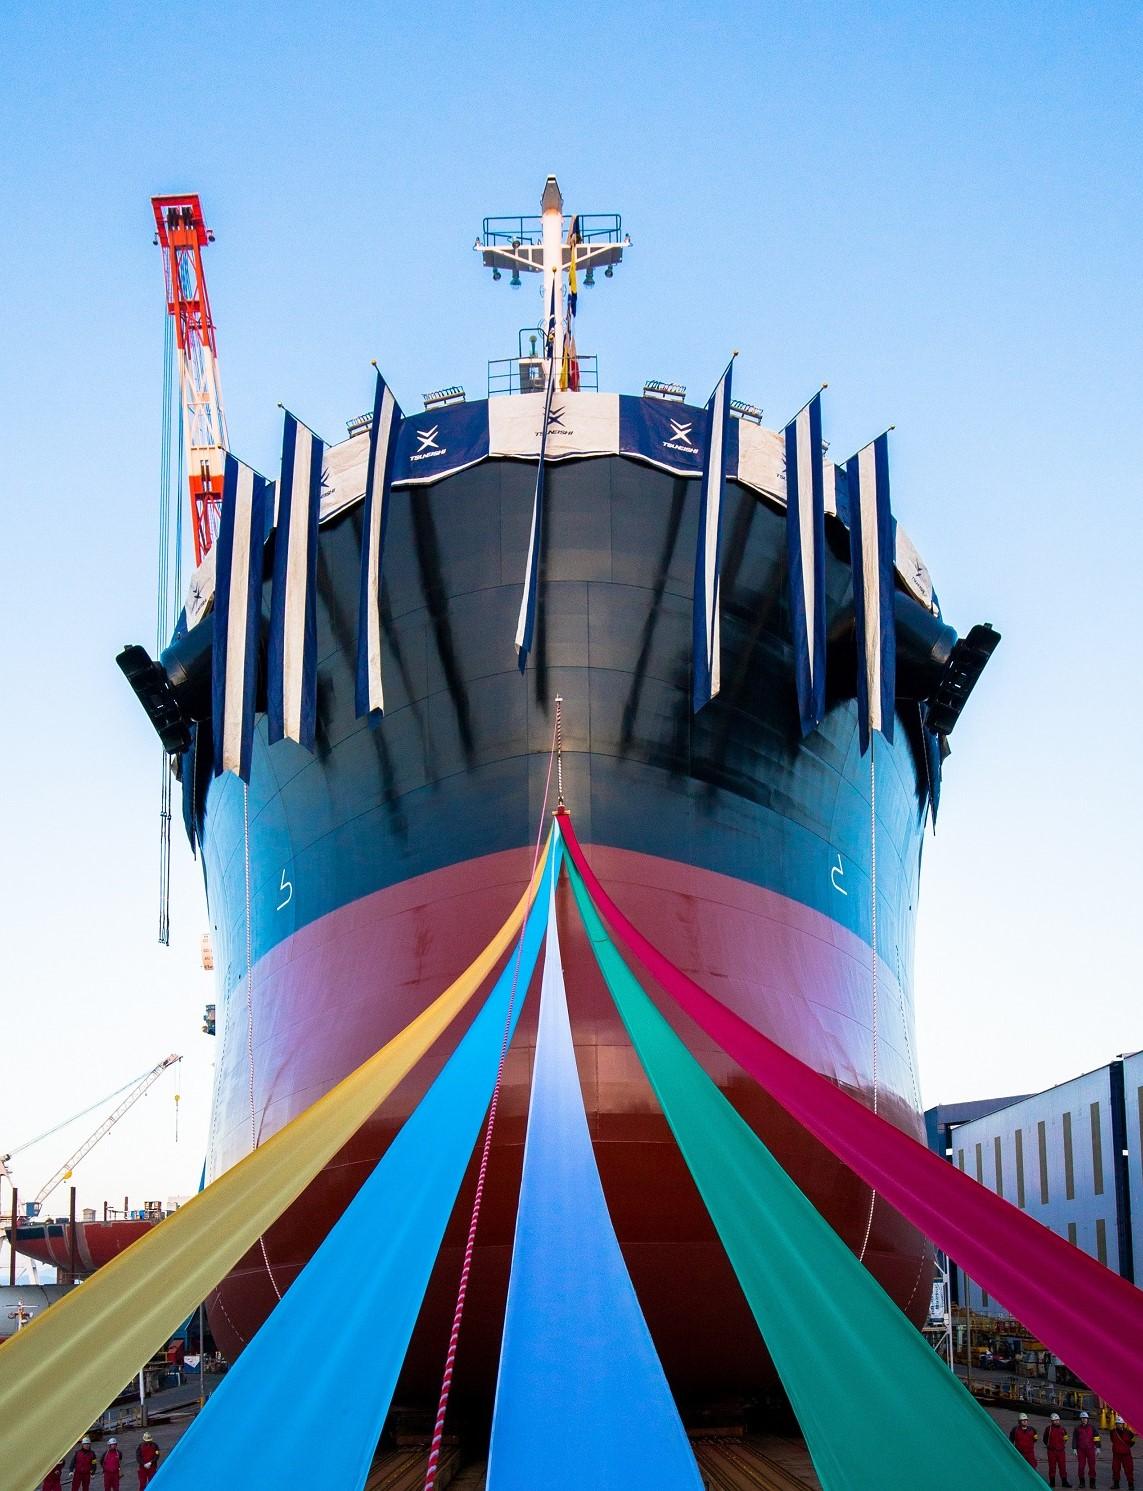 2017年6月26日,现场直播6万吨级散货船下水仪式~常石造船 广岛县福山市 常石工厂 第一船台